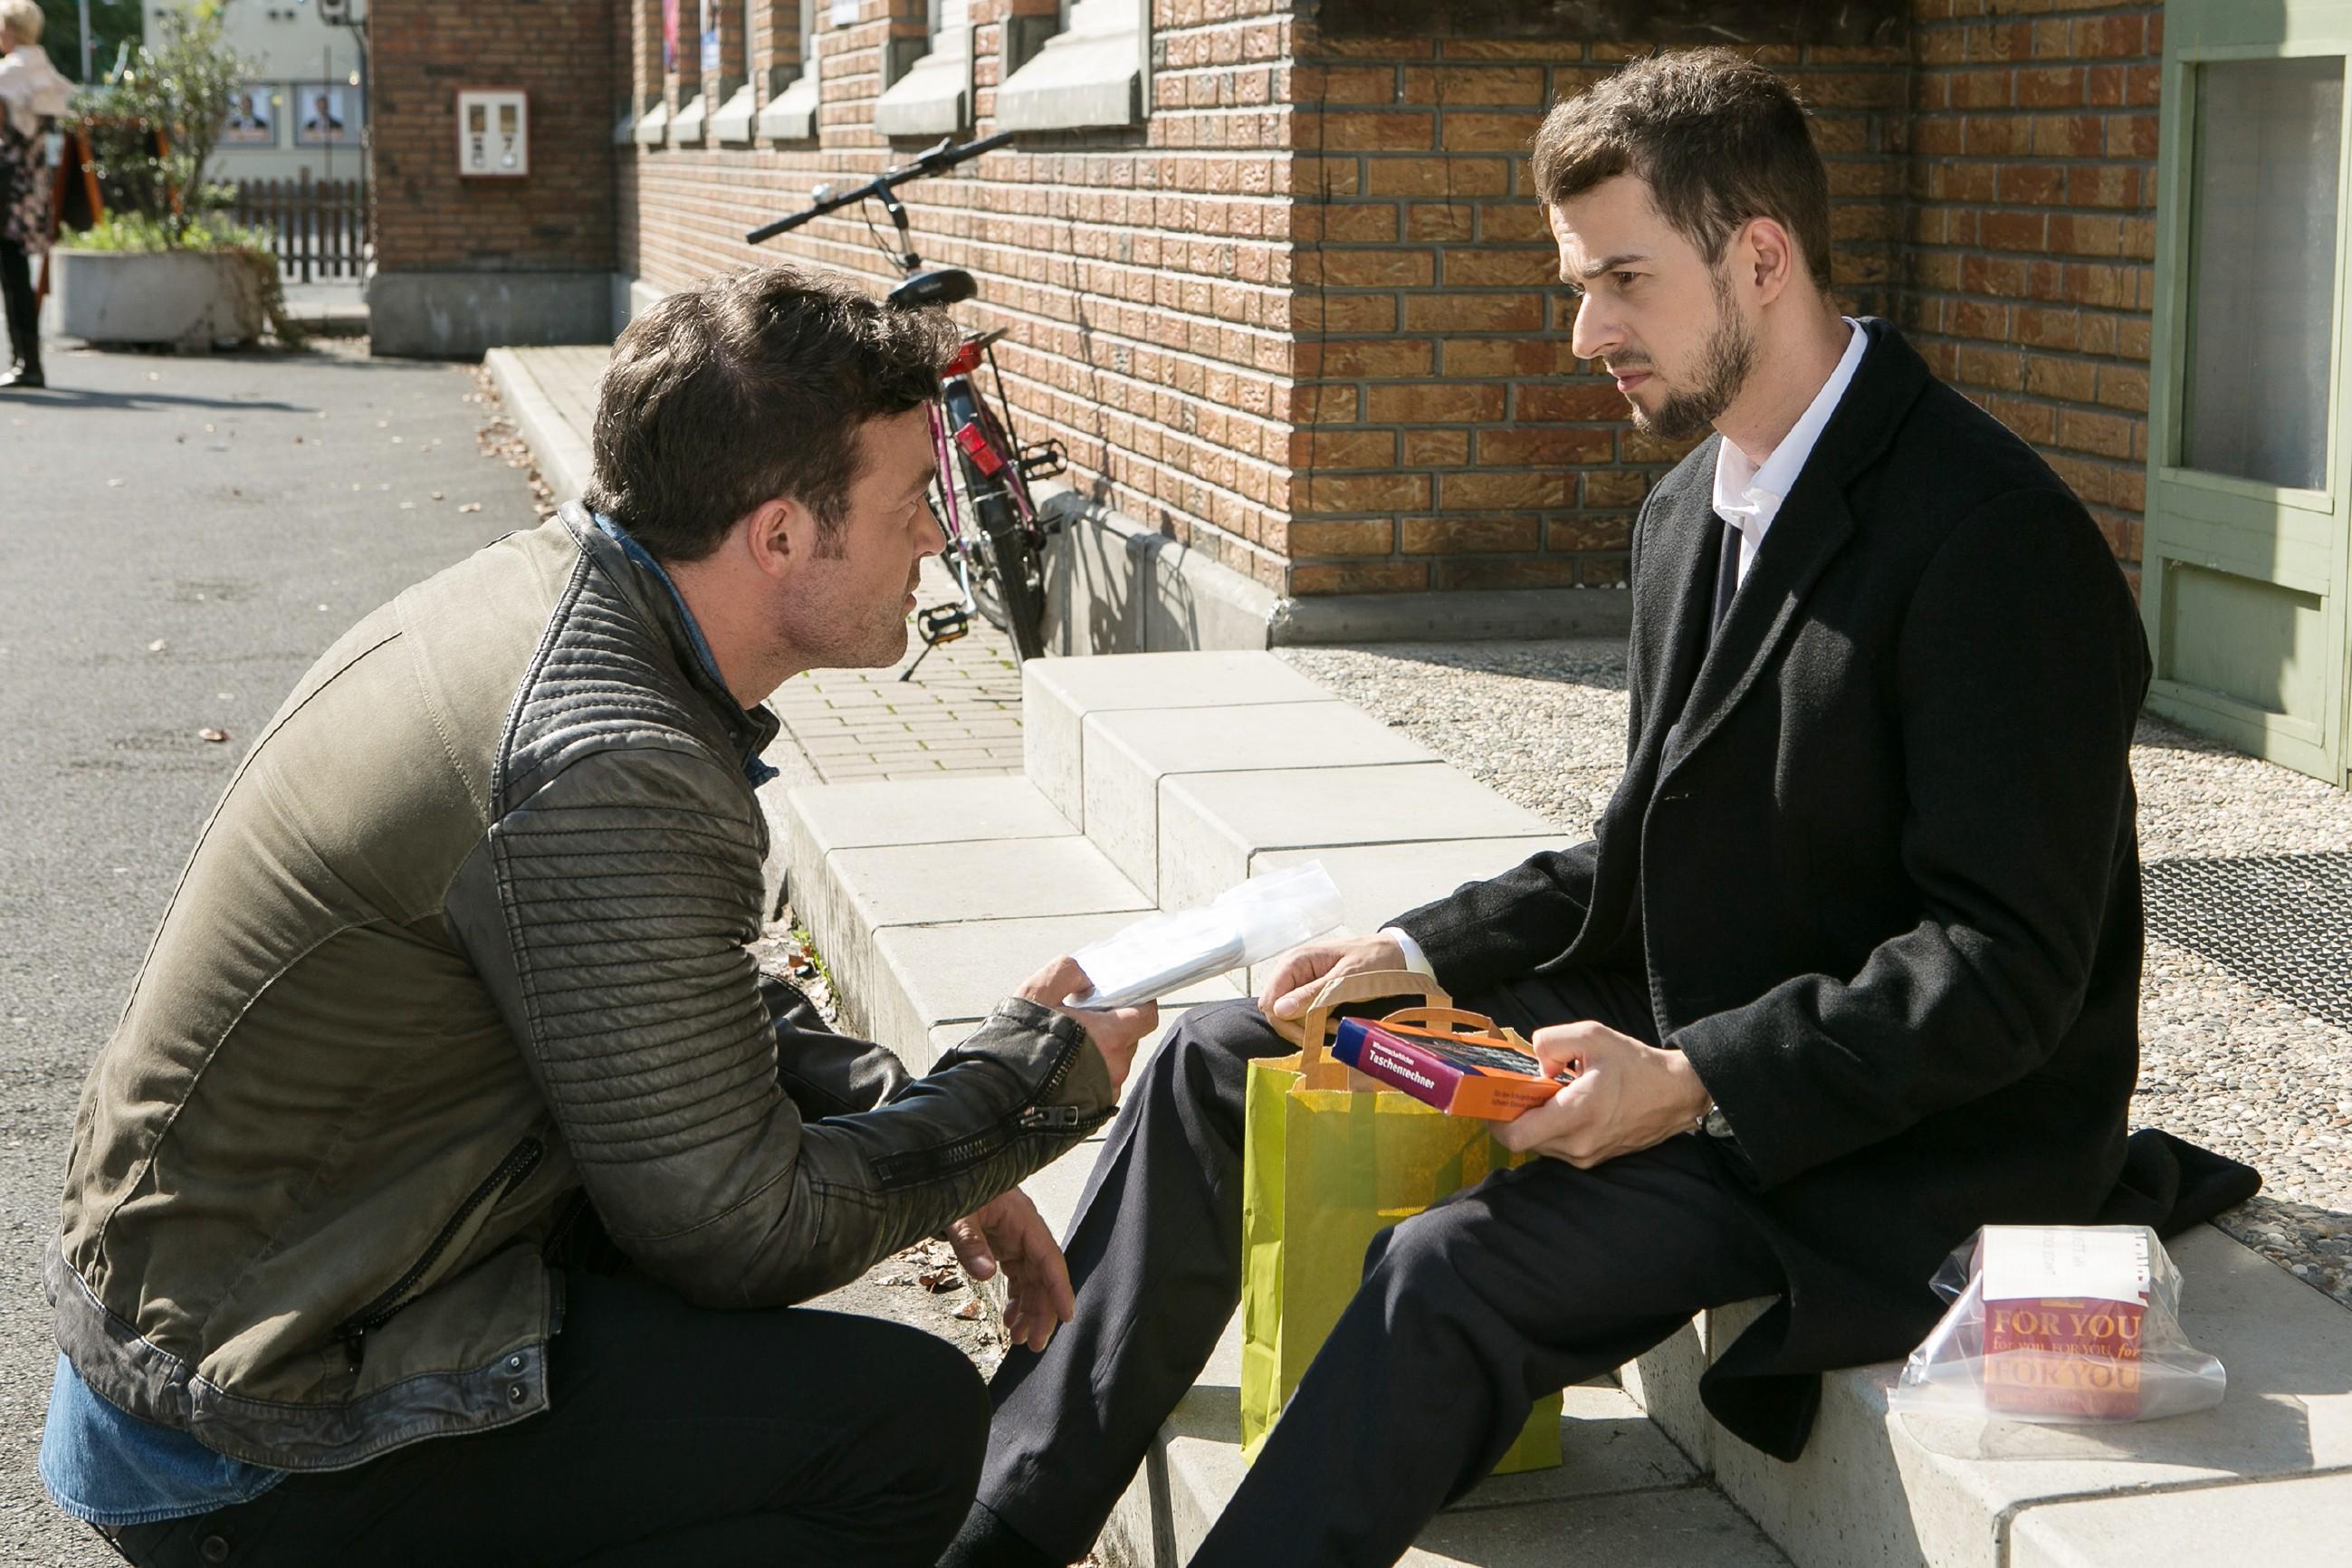 Tobi (Michael Jassin, r.) versucht Ben (Jörg Rhode) davon zu überzeugen, dass er nicht Ivas Stalker ist und hat eine einleuchtende Erklärung für seine Fingerabdrücke parat. (Quelle: RTL / Kai Schulz)